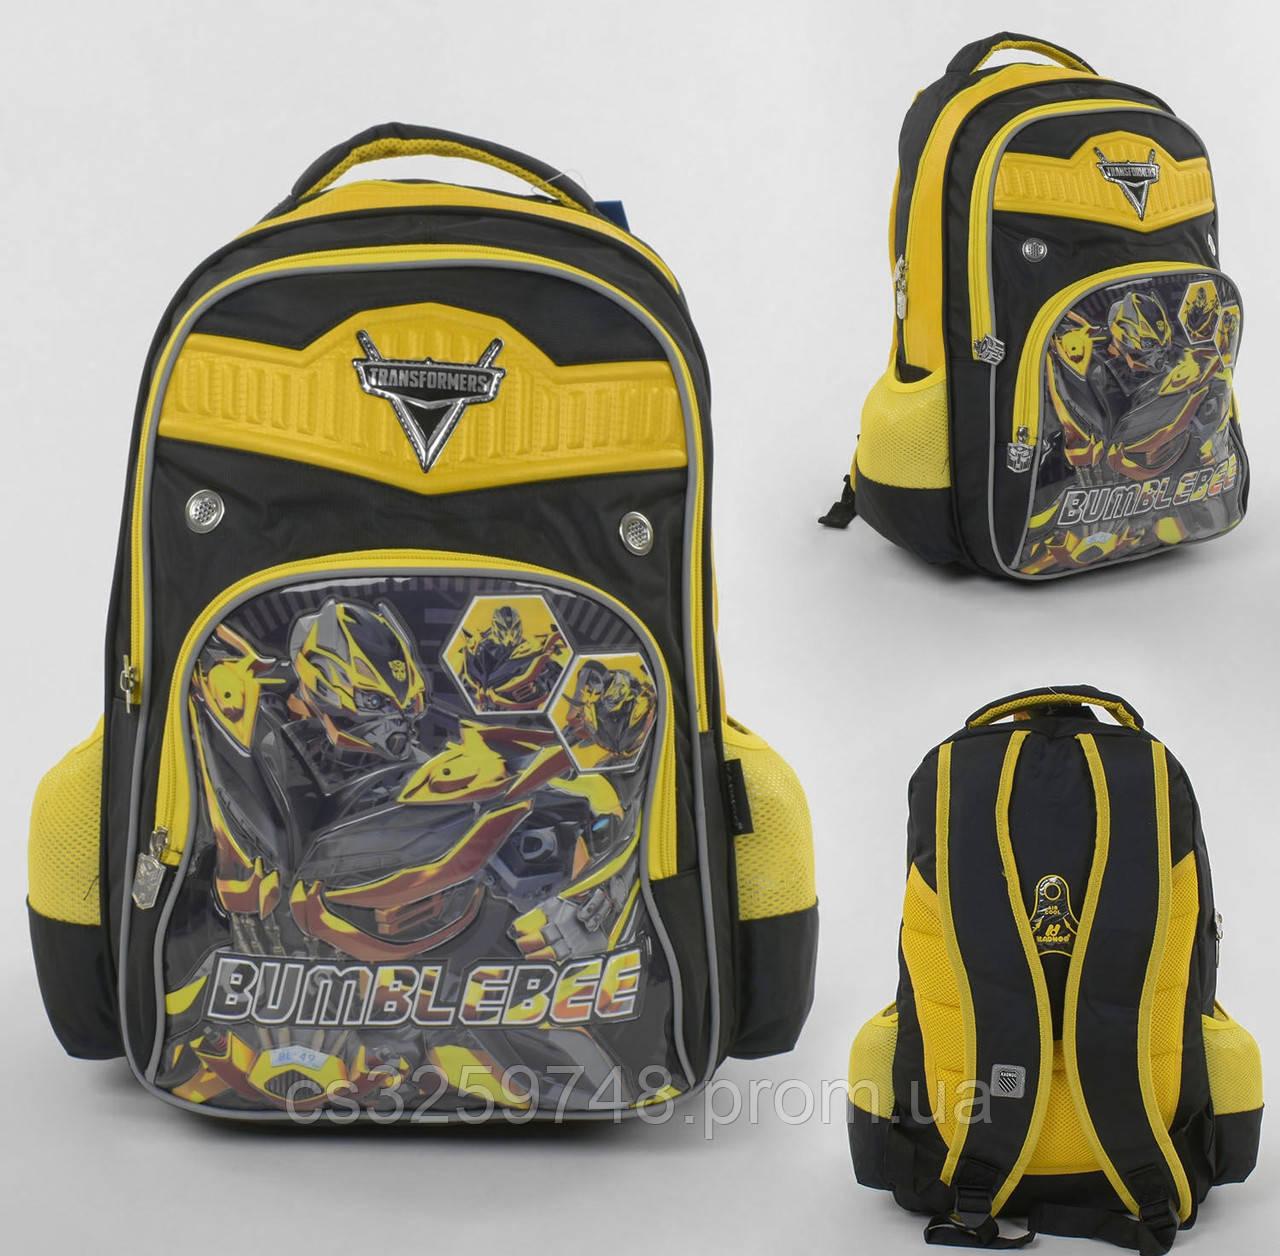 Рюкзак детский школьный Transformers С 43625 для мальчика с 3D принтом,2 карманами и ортопедической спинкой